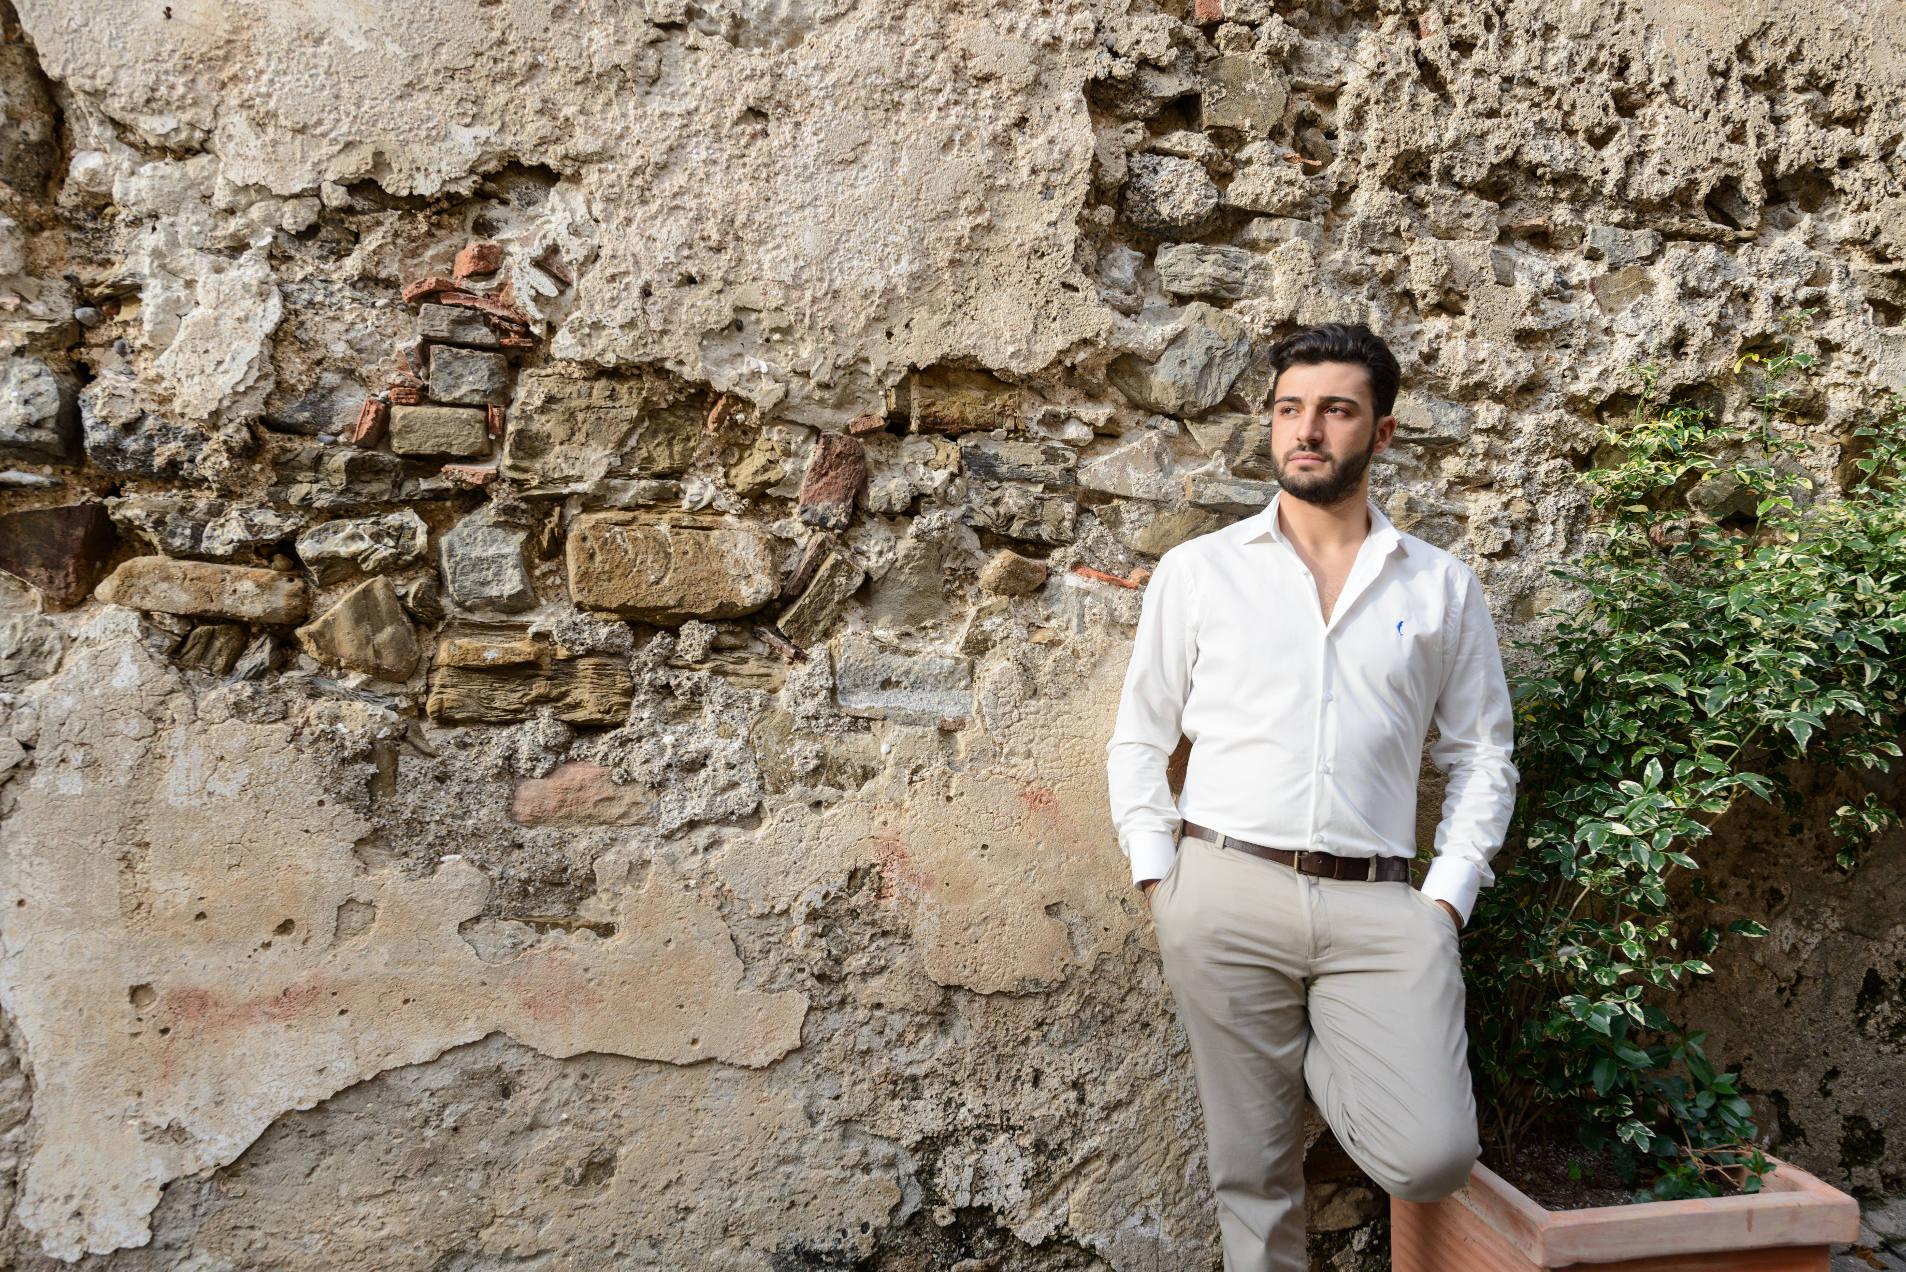 Camicia-bianca-indossata